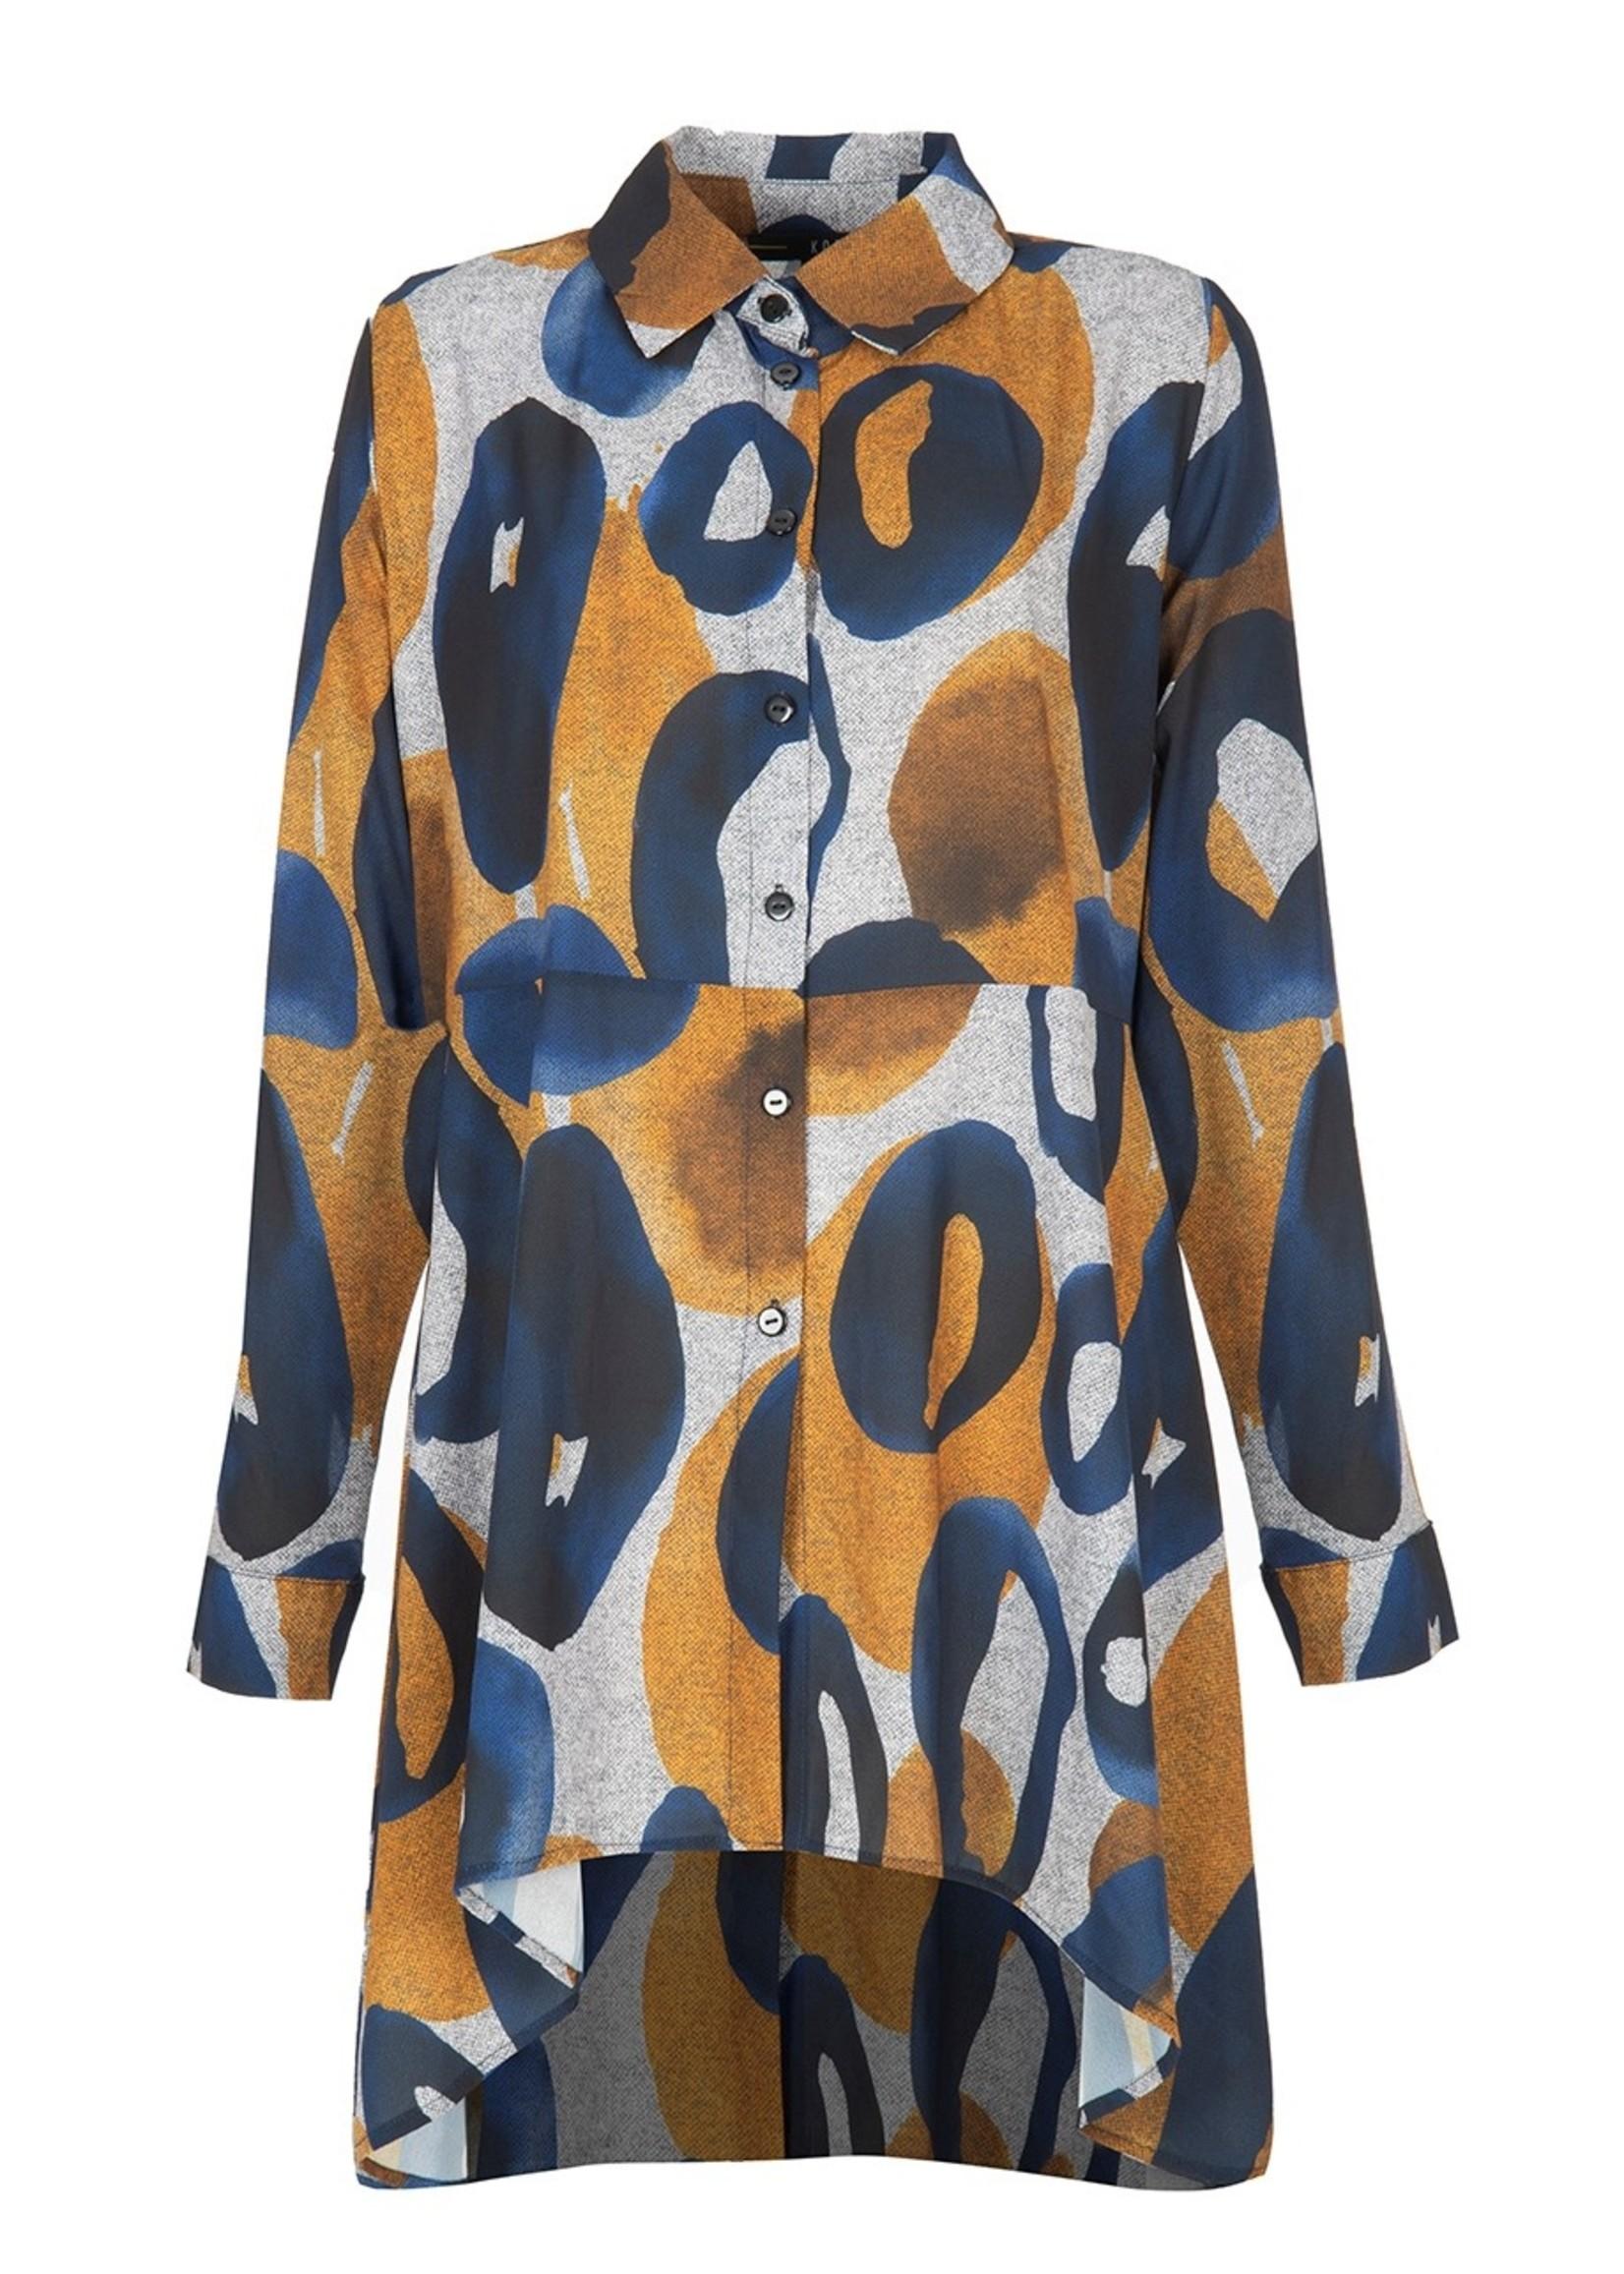 KOZAN sp4107 austin shirt